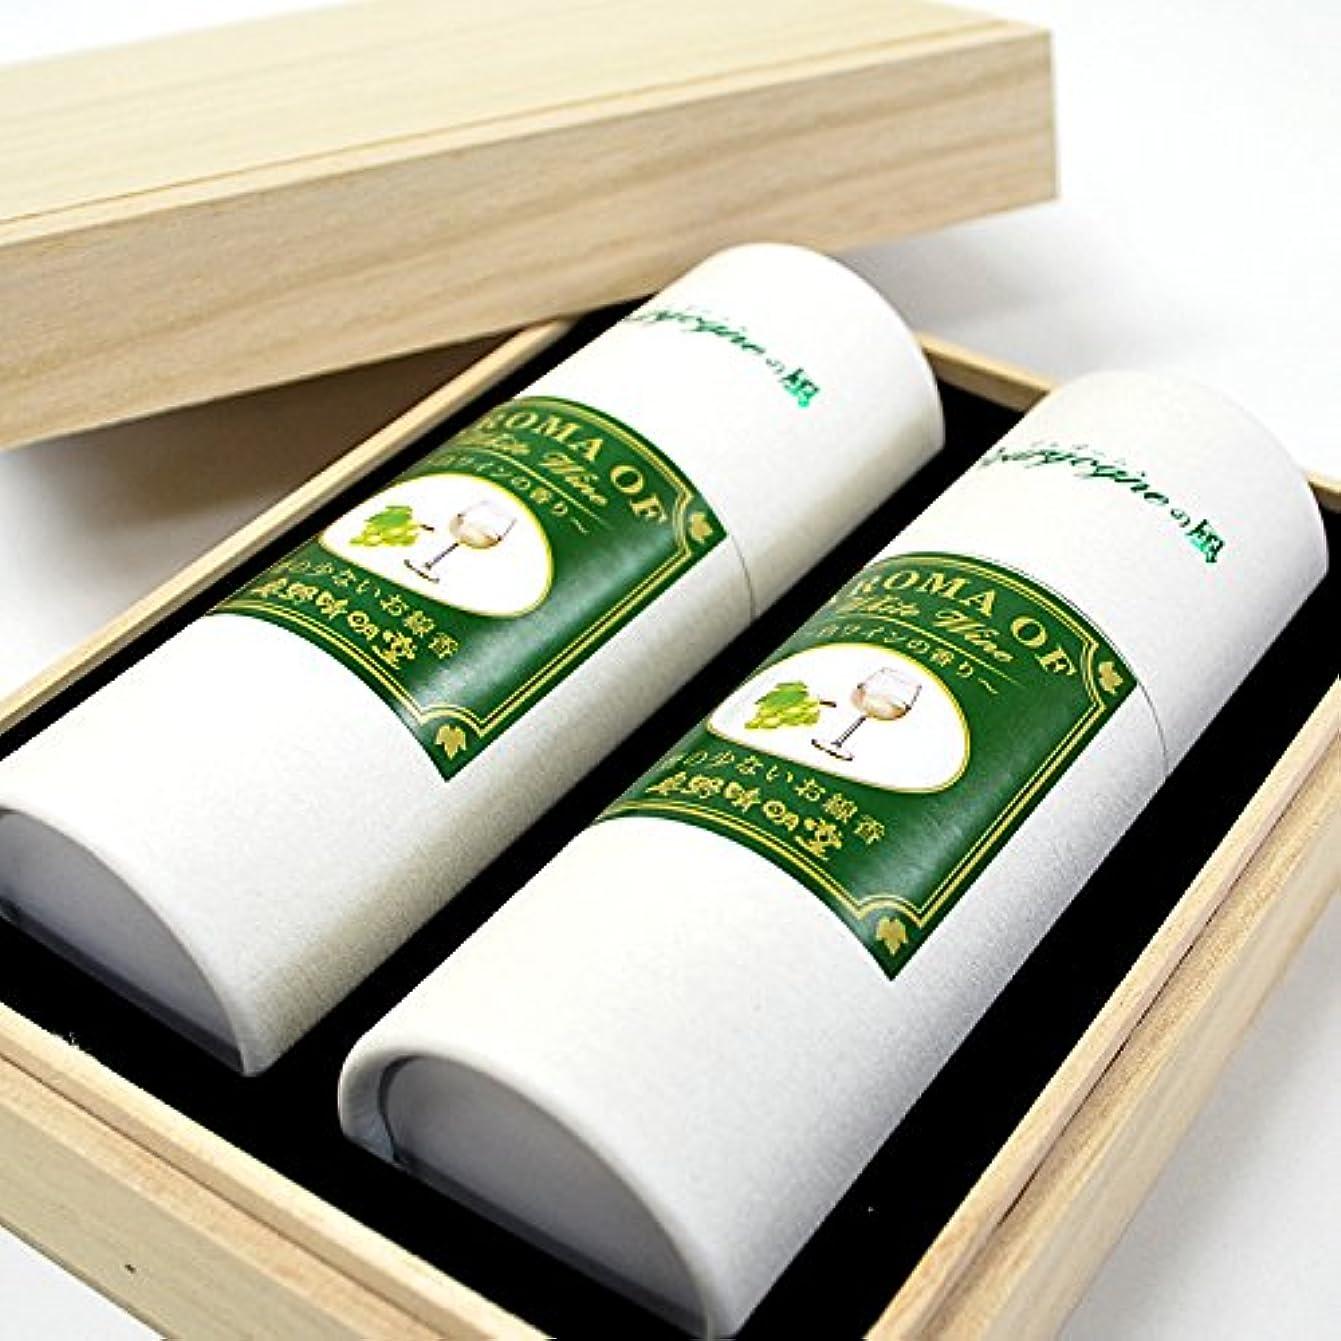 指導するインデックス企業ワインの香りのお線香 奥野晴明堂 Bourgogne(ブルゴーニュ)の風 白ワインの香り 桐箱2本入り 28-5 微煙タイプ